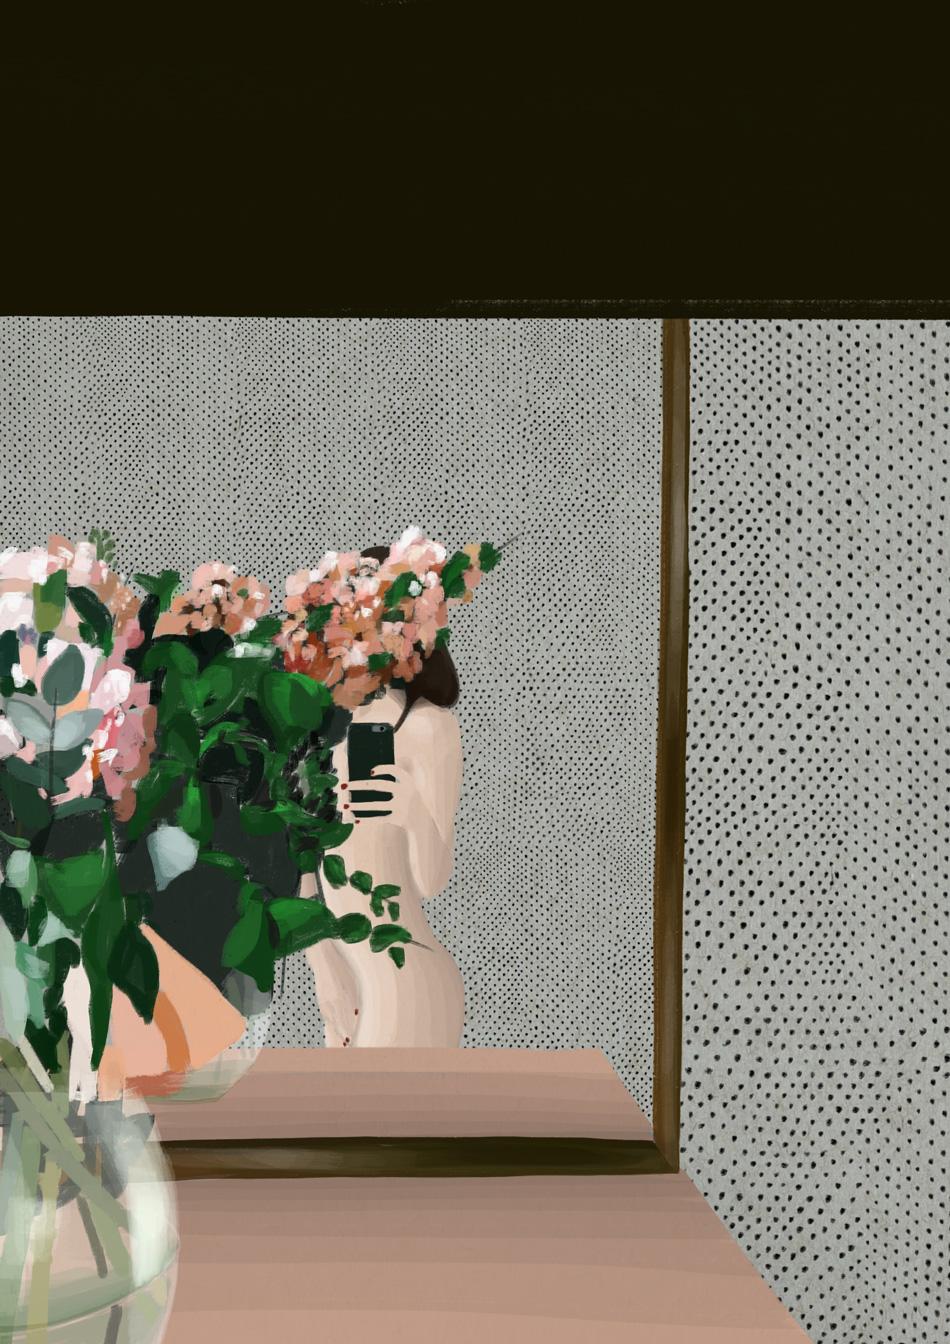 Life-III-by-Paola-van-der-Hulst